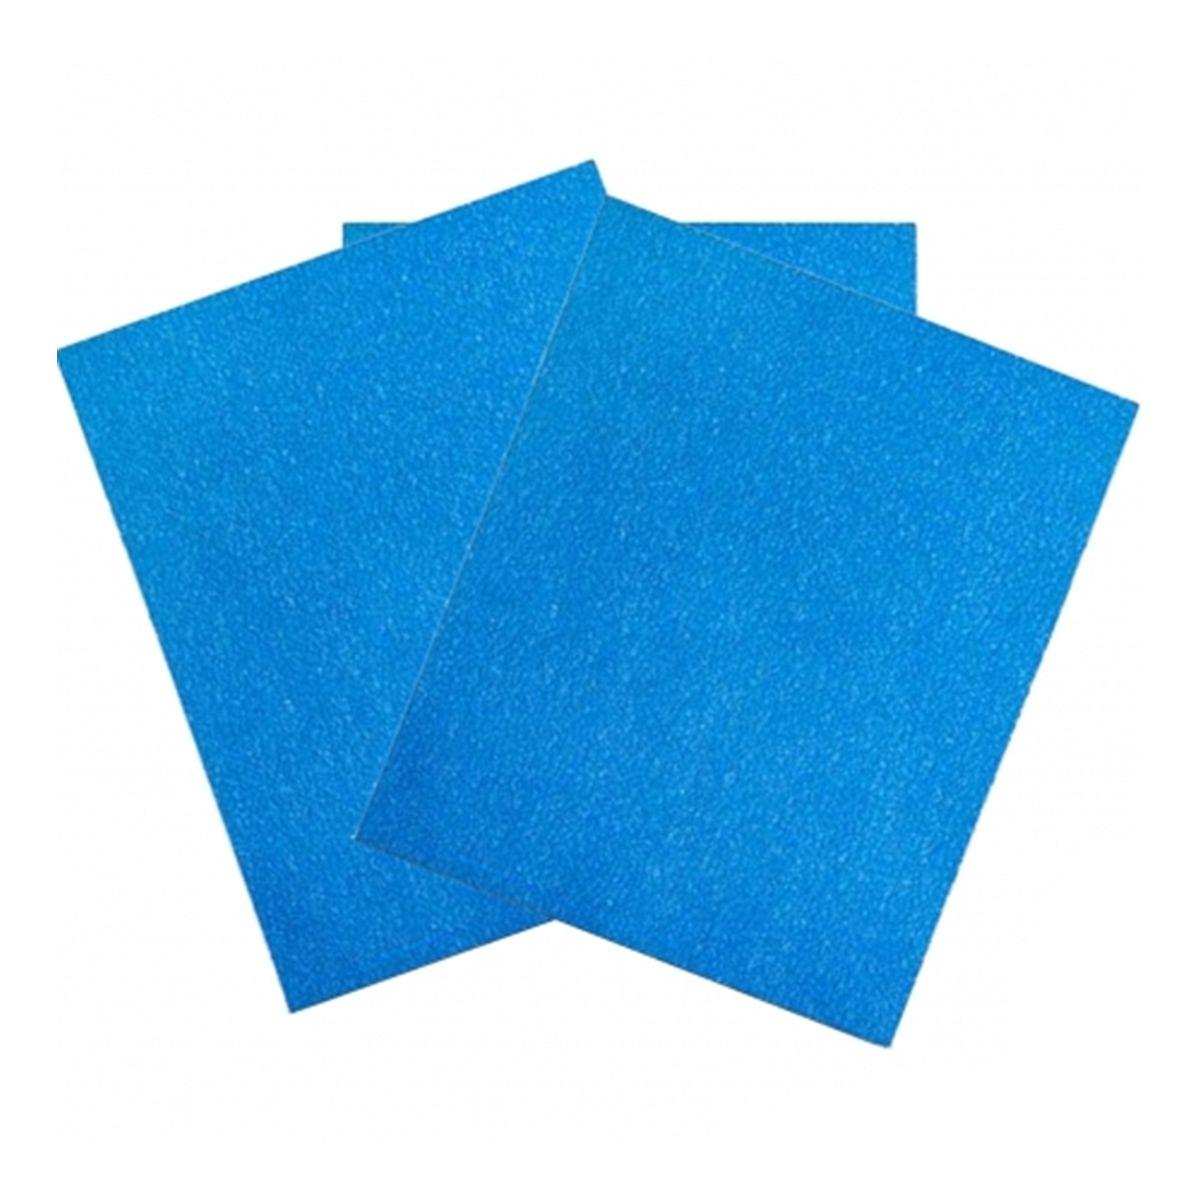 Lixa a Seco 338U Blue 220 225X275mm Unidade 3M